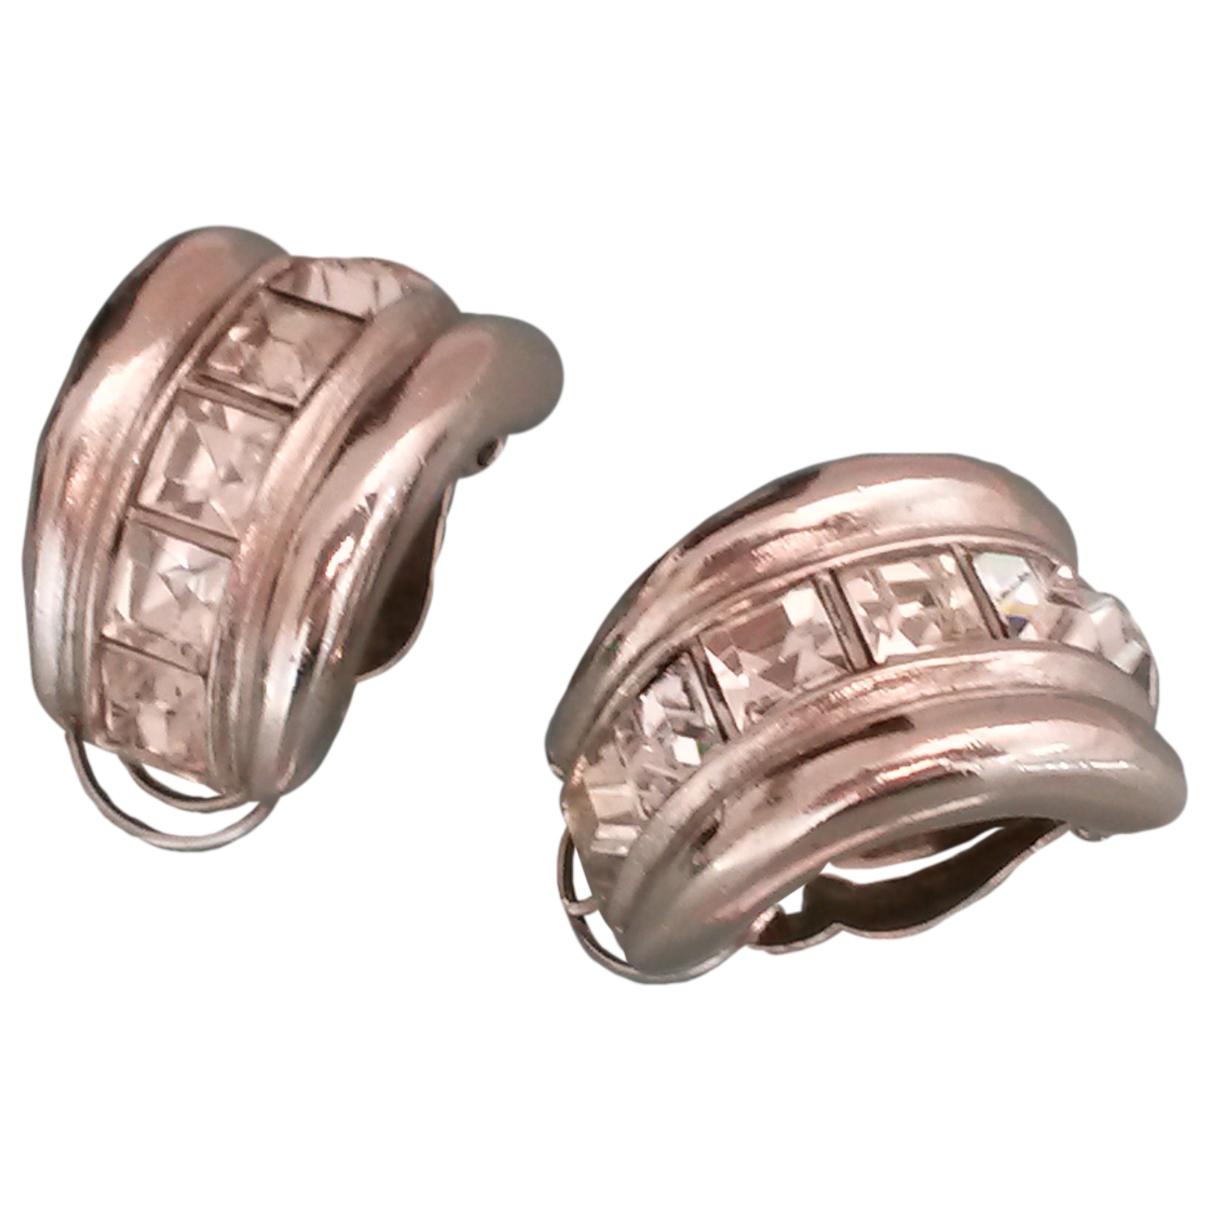 Yves Saint Laurent \N OhrRing in  Silber Metall